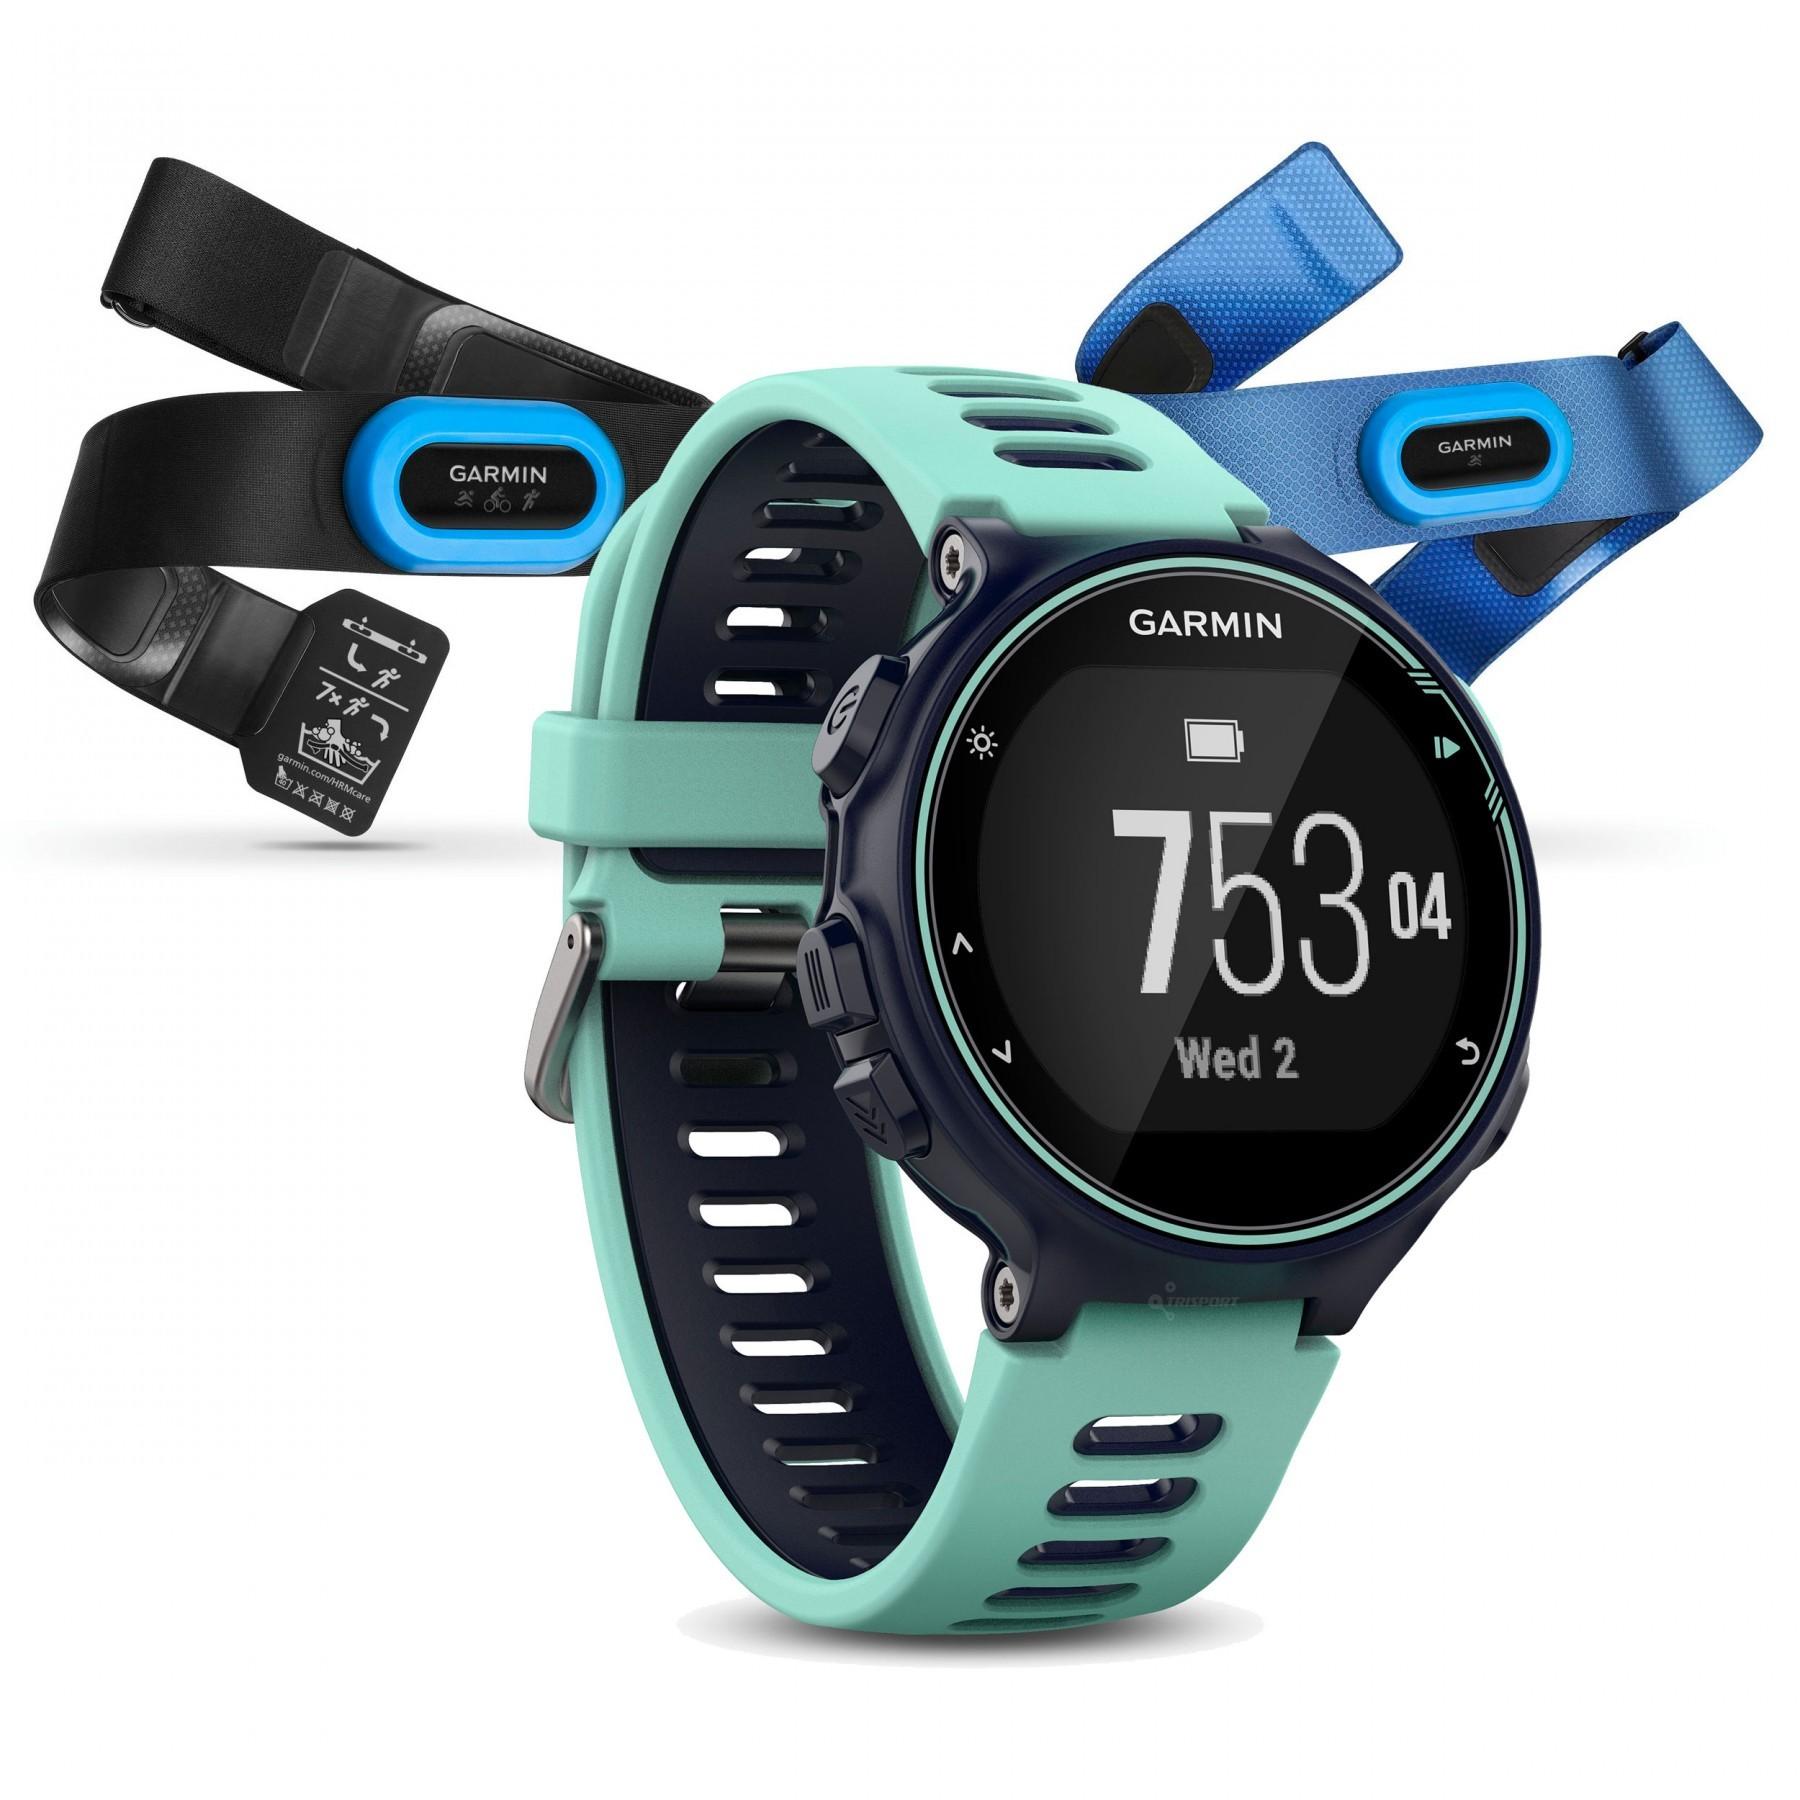 Лучшие бюджетные модели часов для бега, которые помогут стать вам здоровыми за меньшие деньги